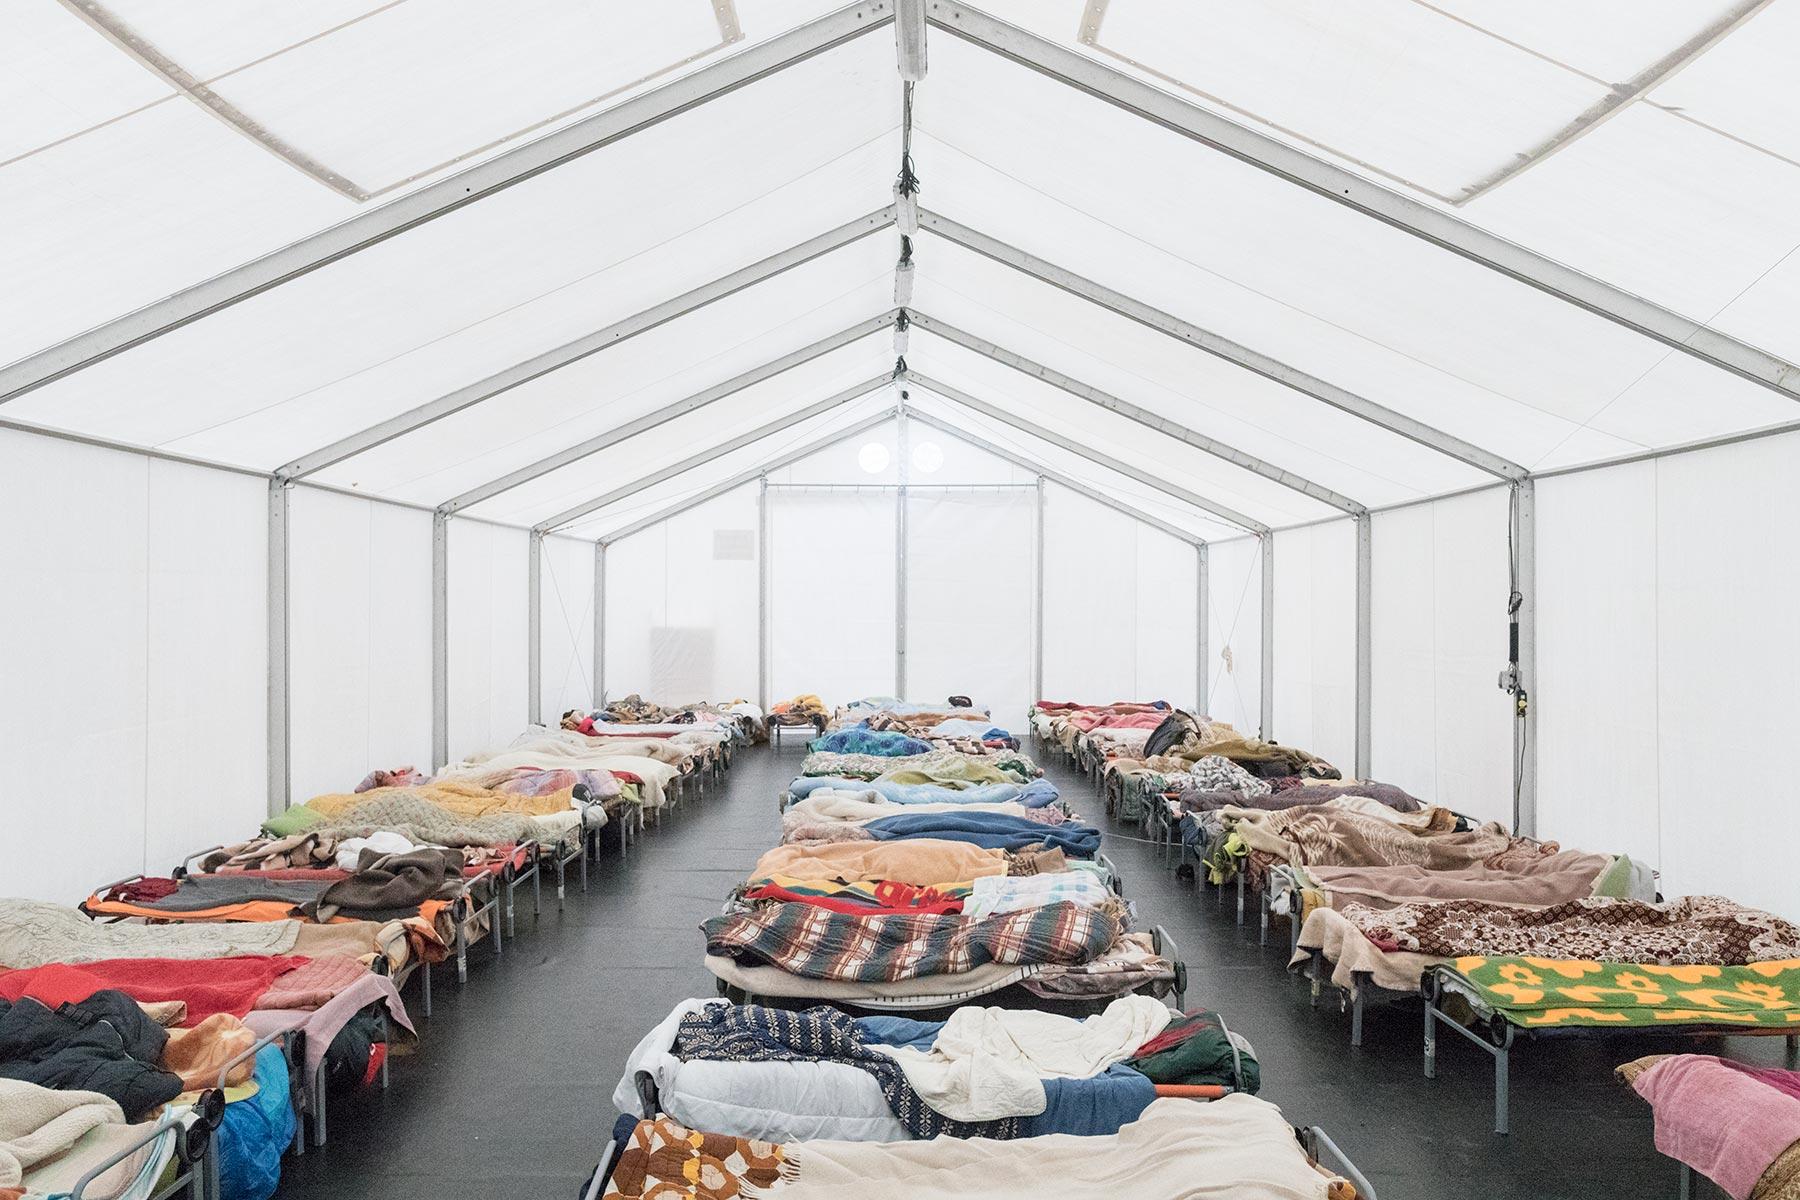 fabrizio-giraldi-manuela-schirra-migrants-room-dormitorio-min